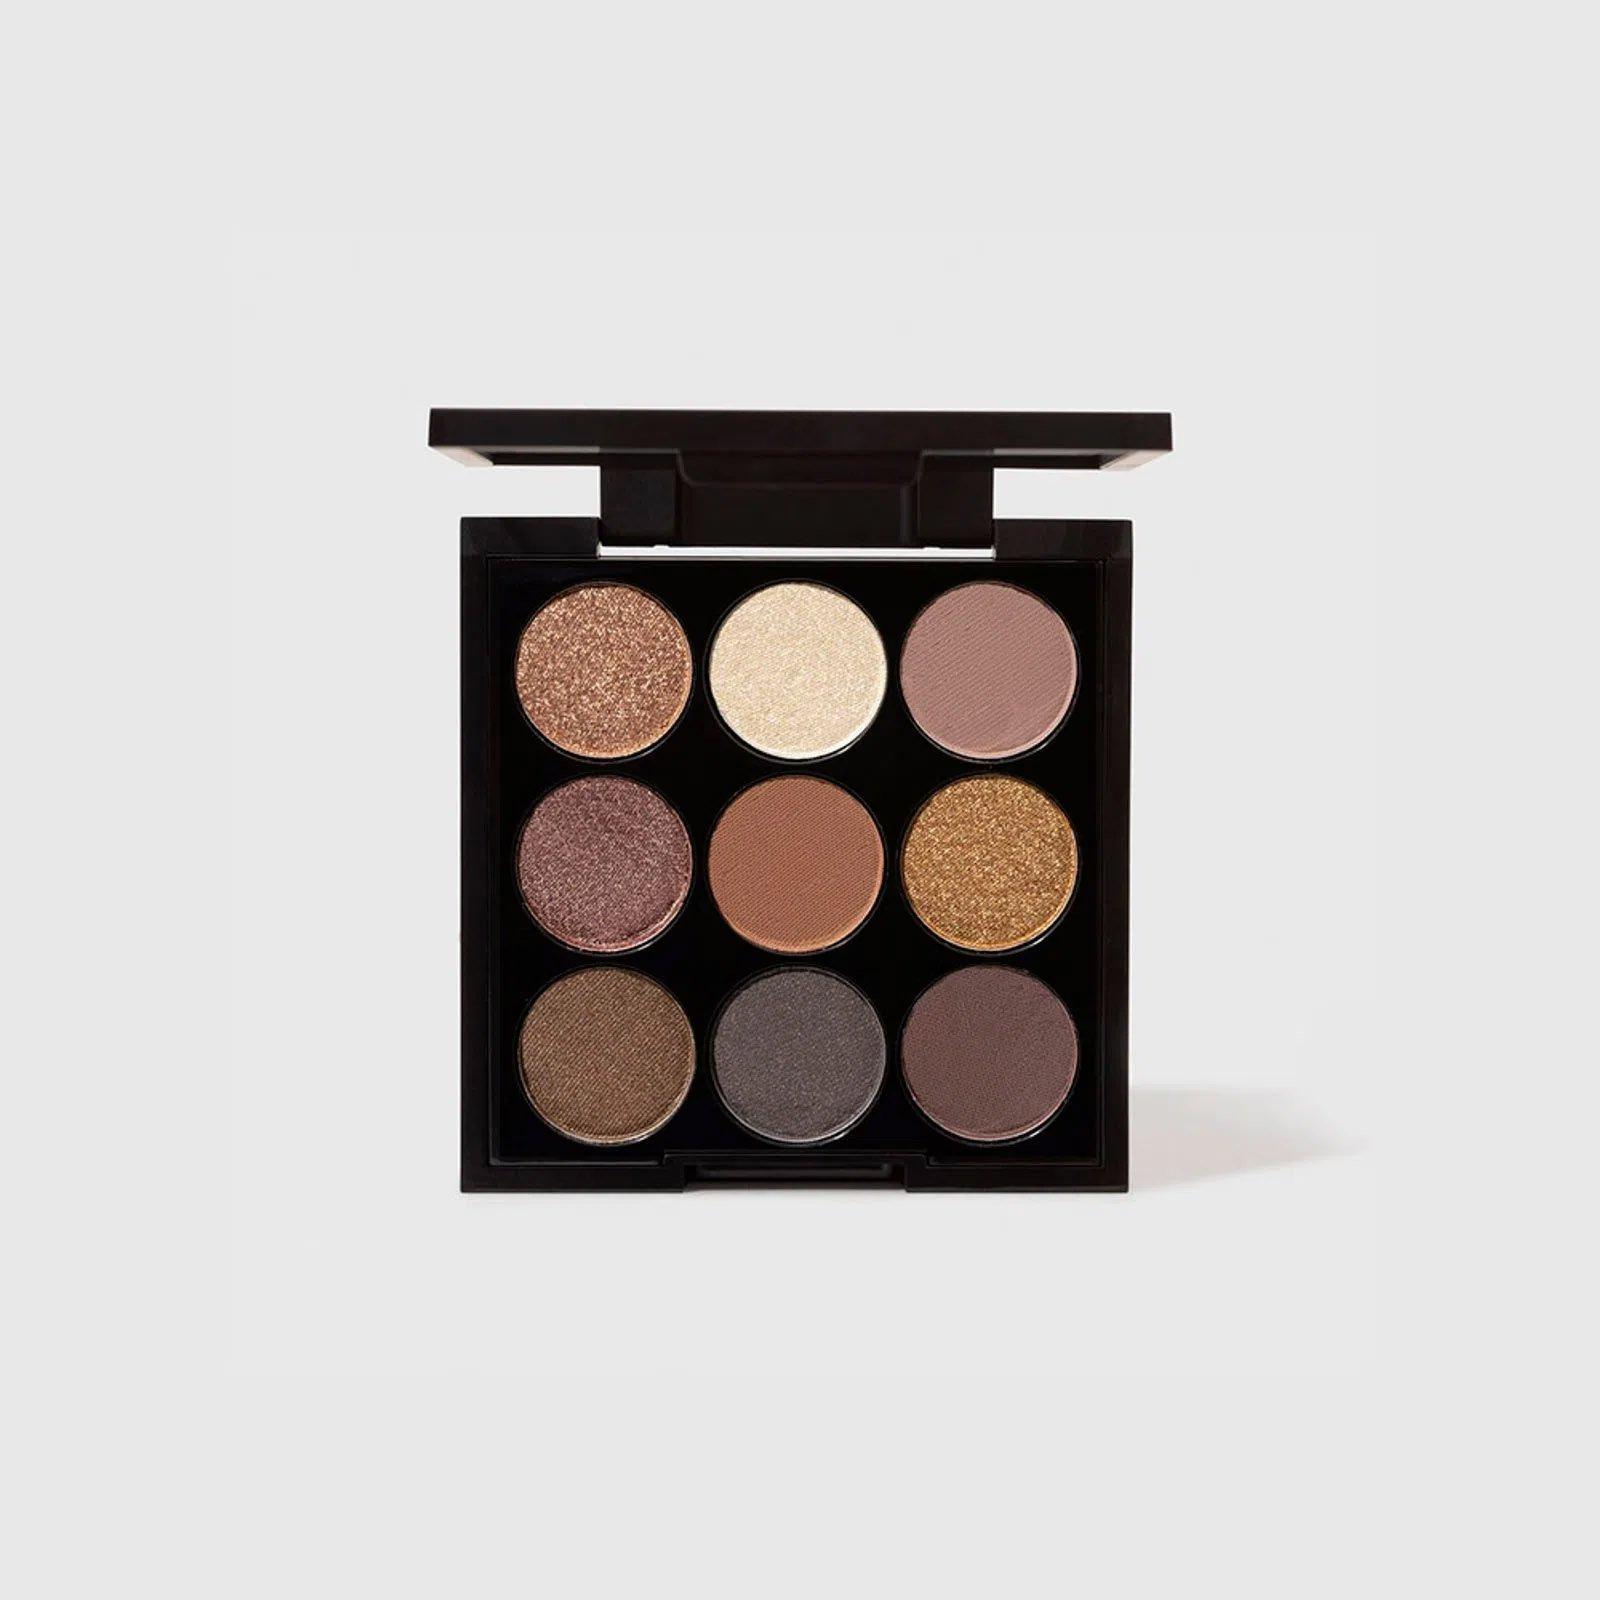 maquiagem paleta de sombras to go basic oceane nadia tambasco 51365 2000 204096 1